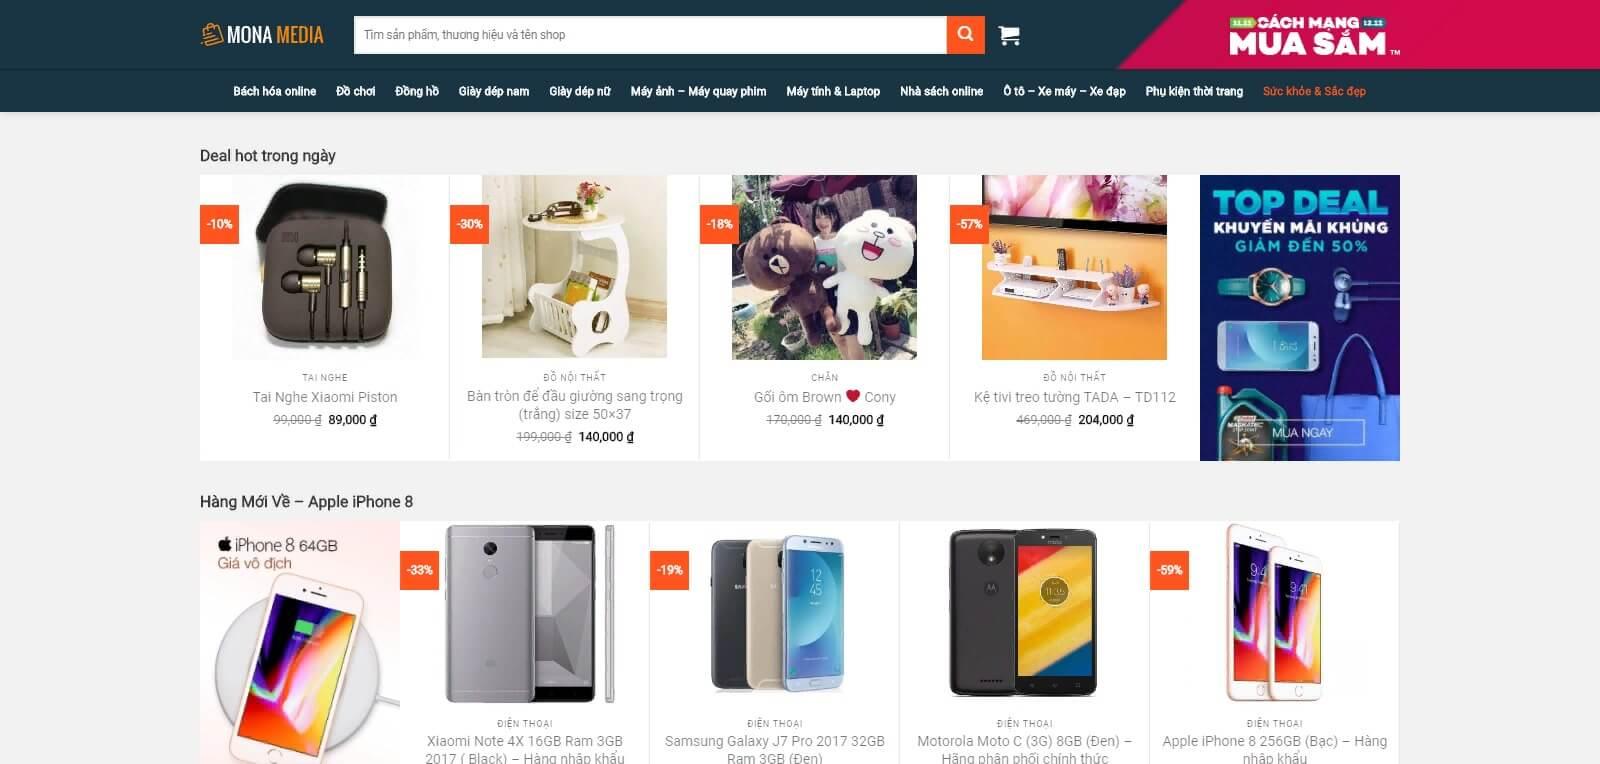 Thiết kế website siêu thị, cửa hàng giống trang web Lazada